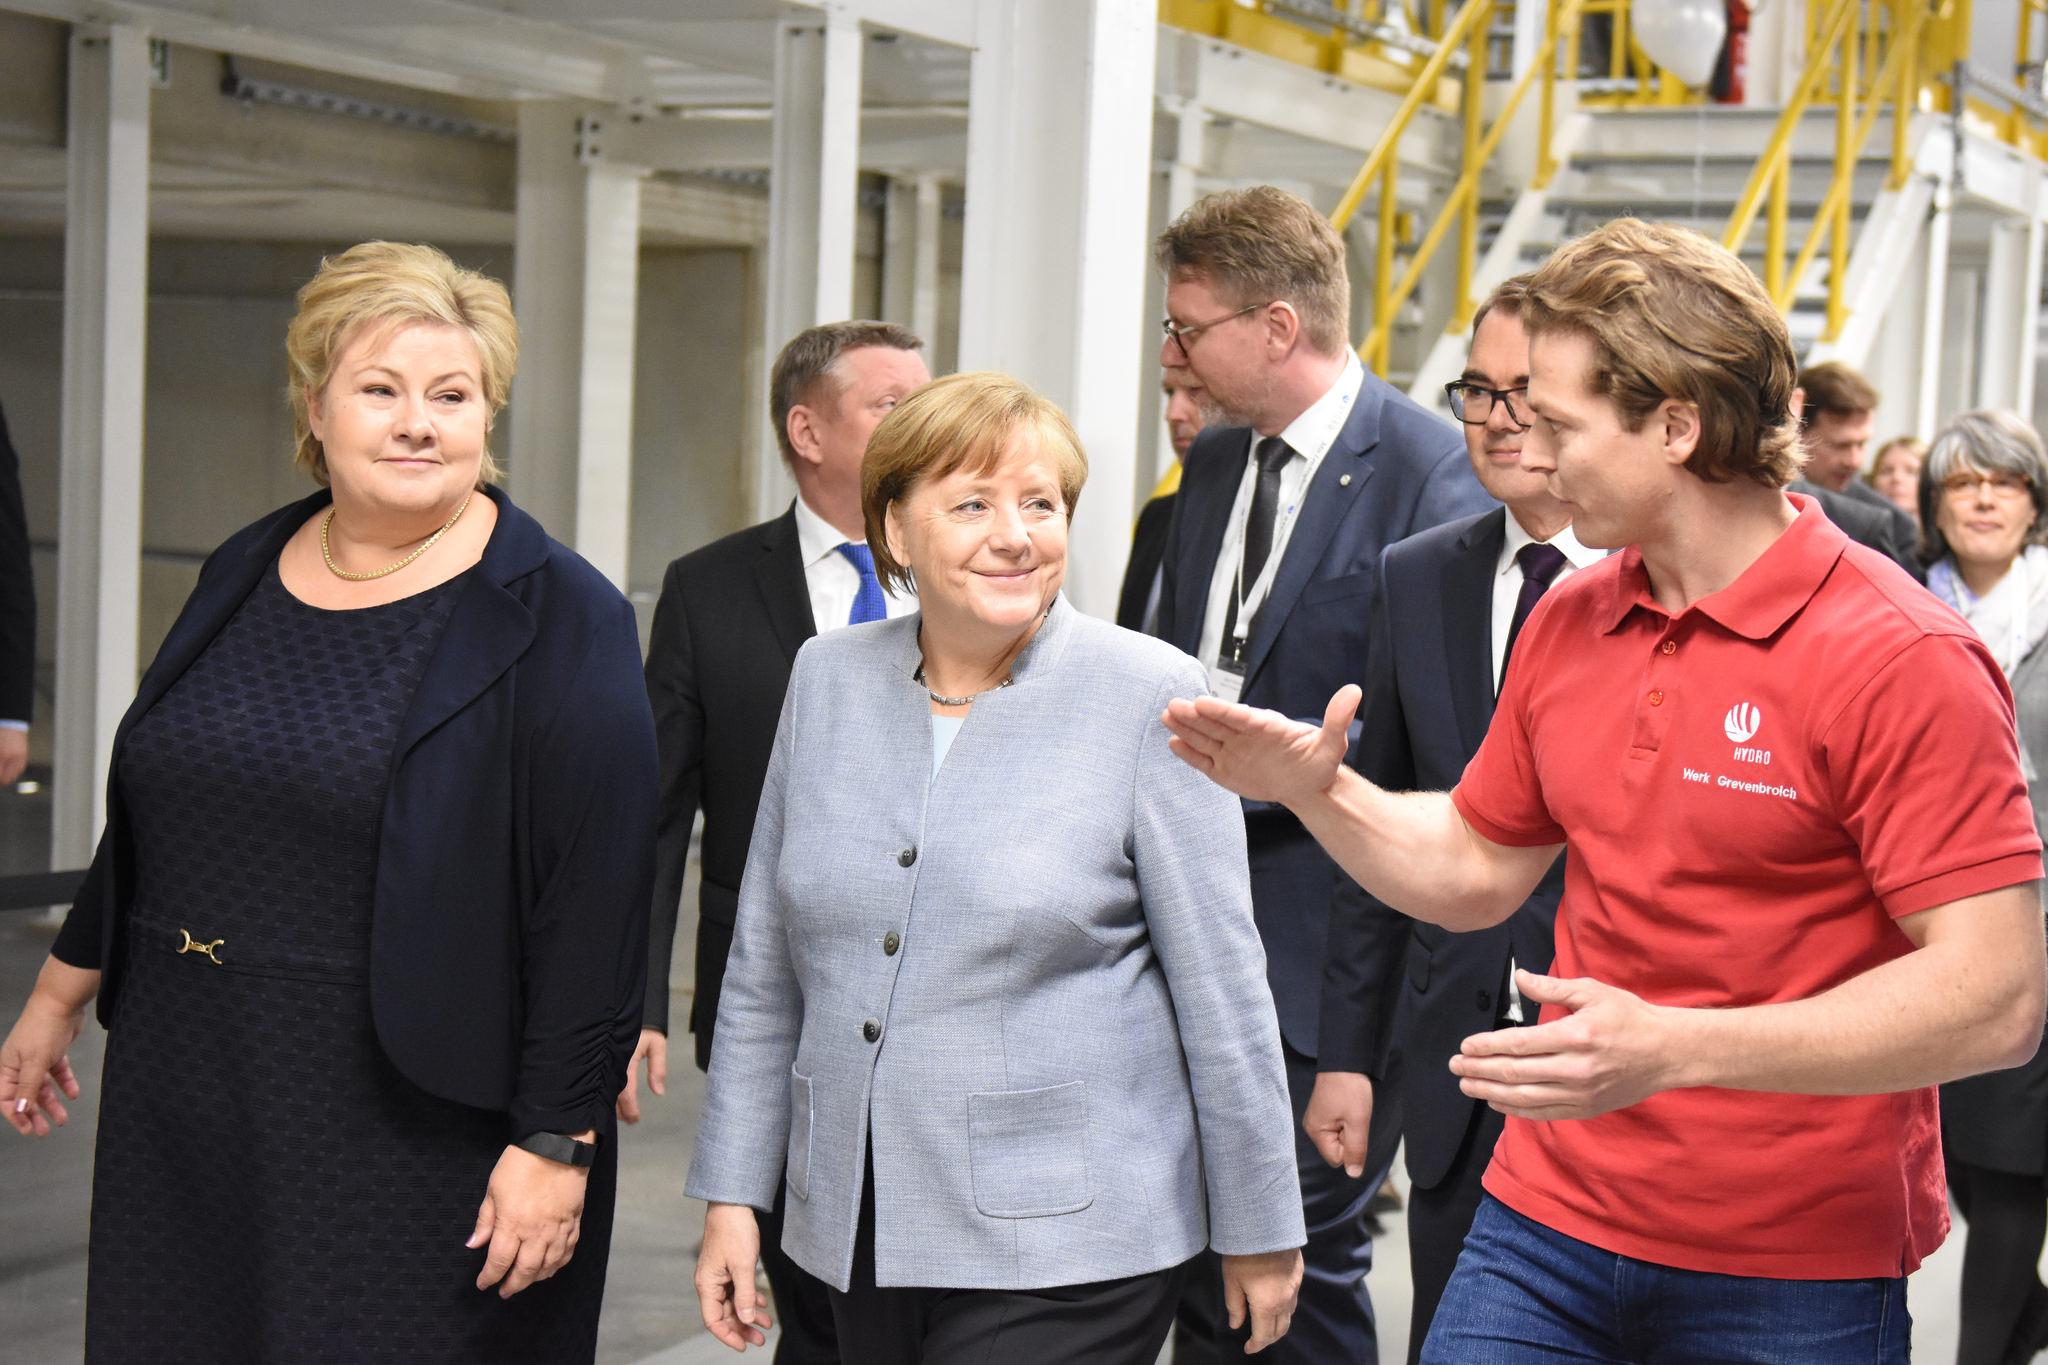 Angela Merkel und Erna Solberg bei der Besichtigung der neuen Hydro-Produktionsanlage für Aluminiumbleche©Hydro